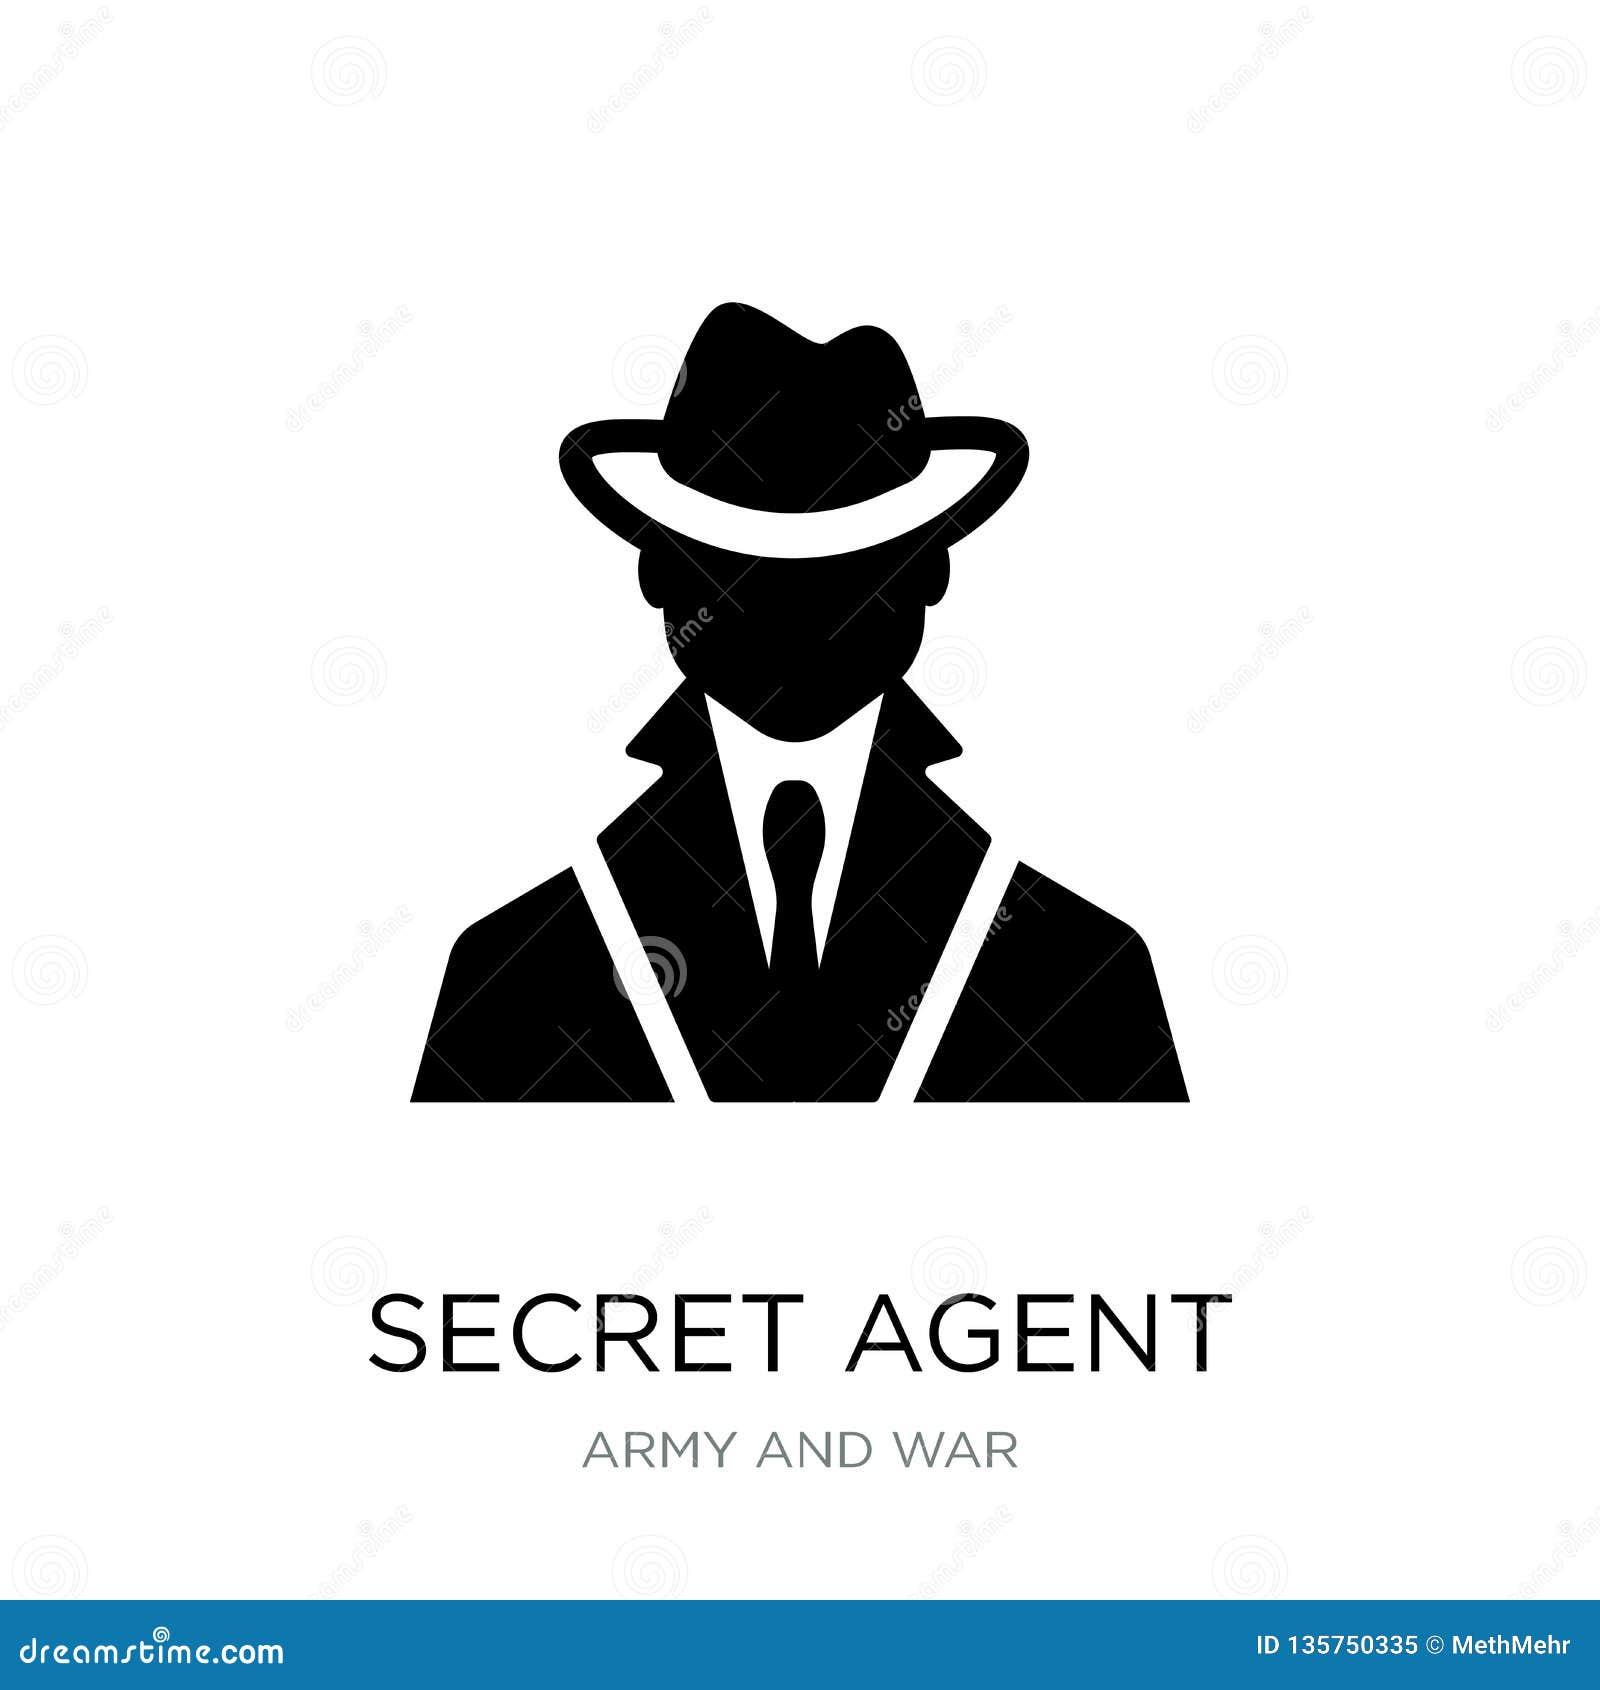 μυστικό εικονίδιο πρακτόρων στο καθιερώνον τη μόδα ύφος σχεδίου μυστικό εικονίδιο πρακτόρων που απομονώνεται στο άσπρο υπόβαθρο μ